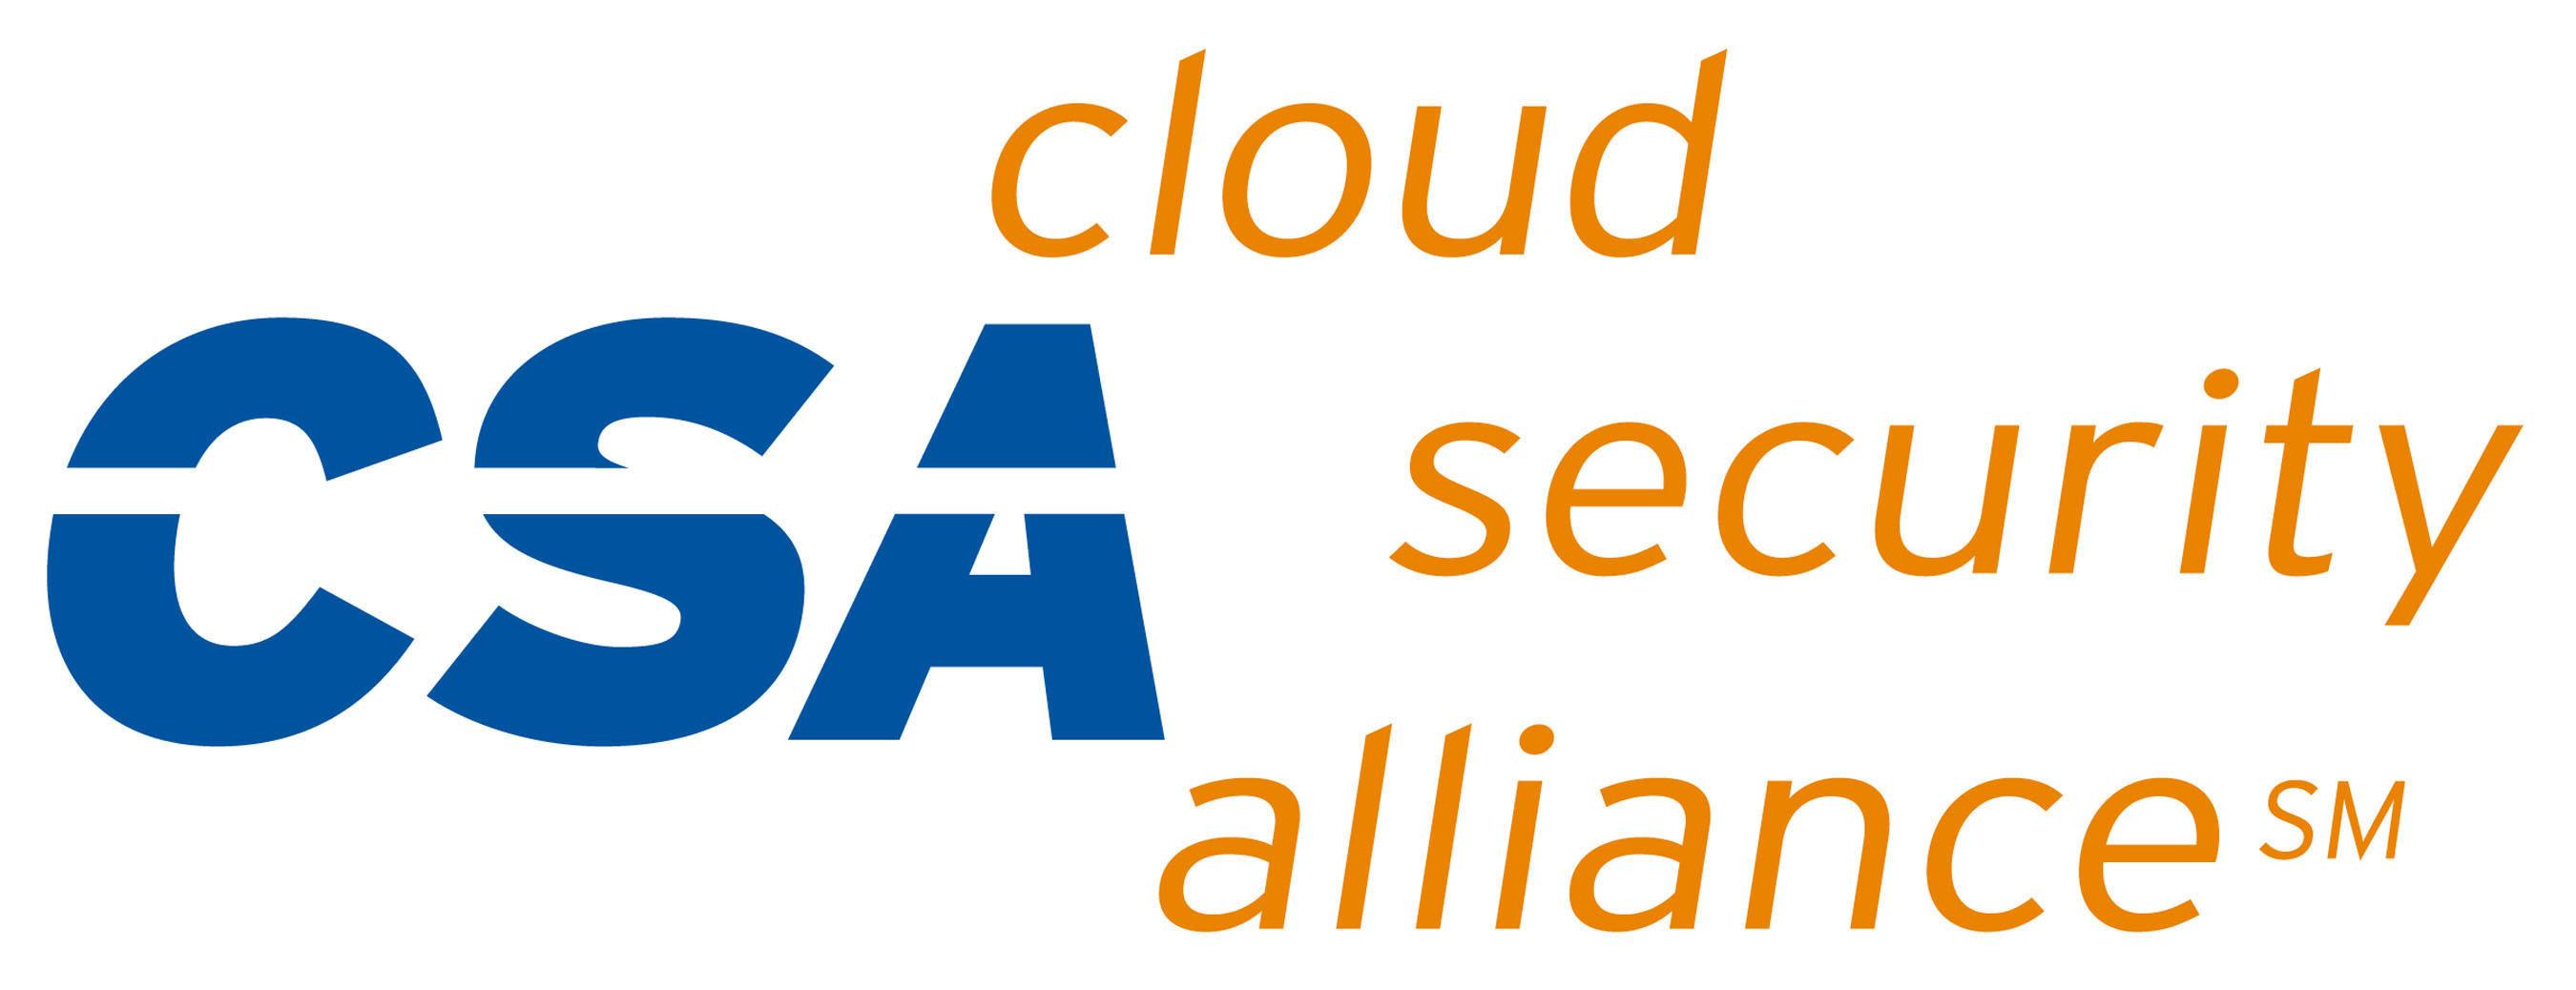 Cloud Security Alliance Logo.